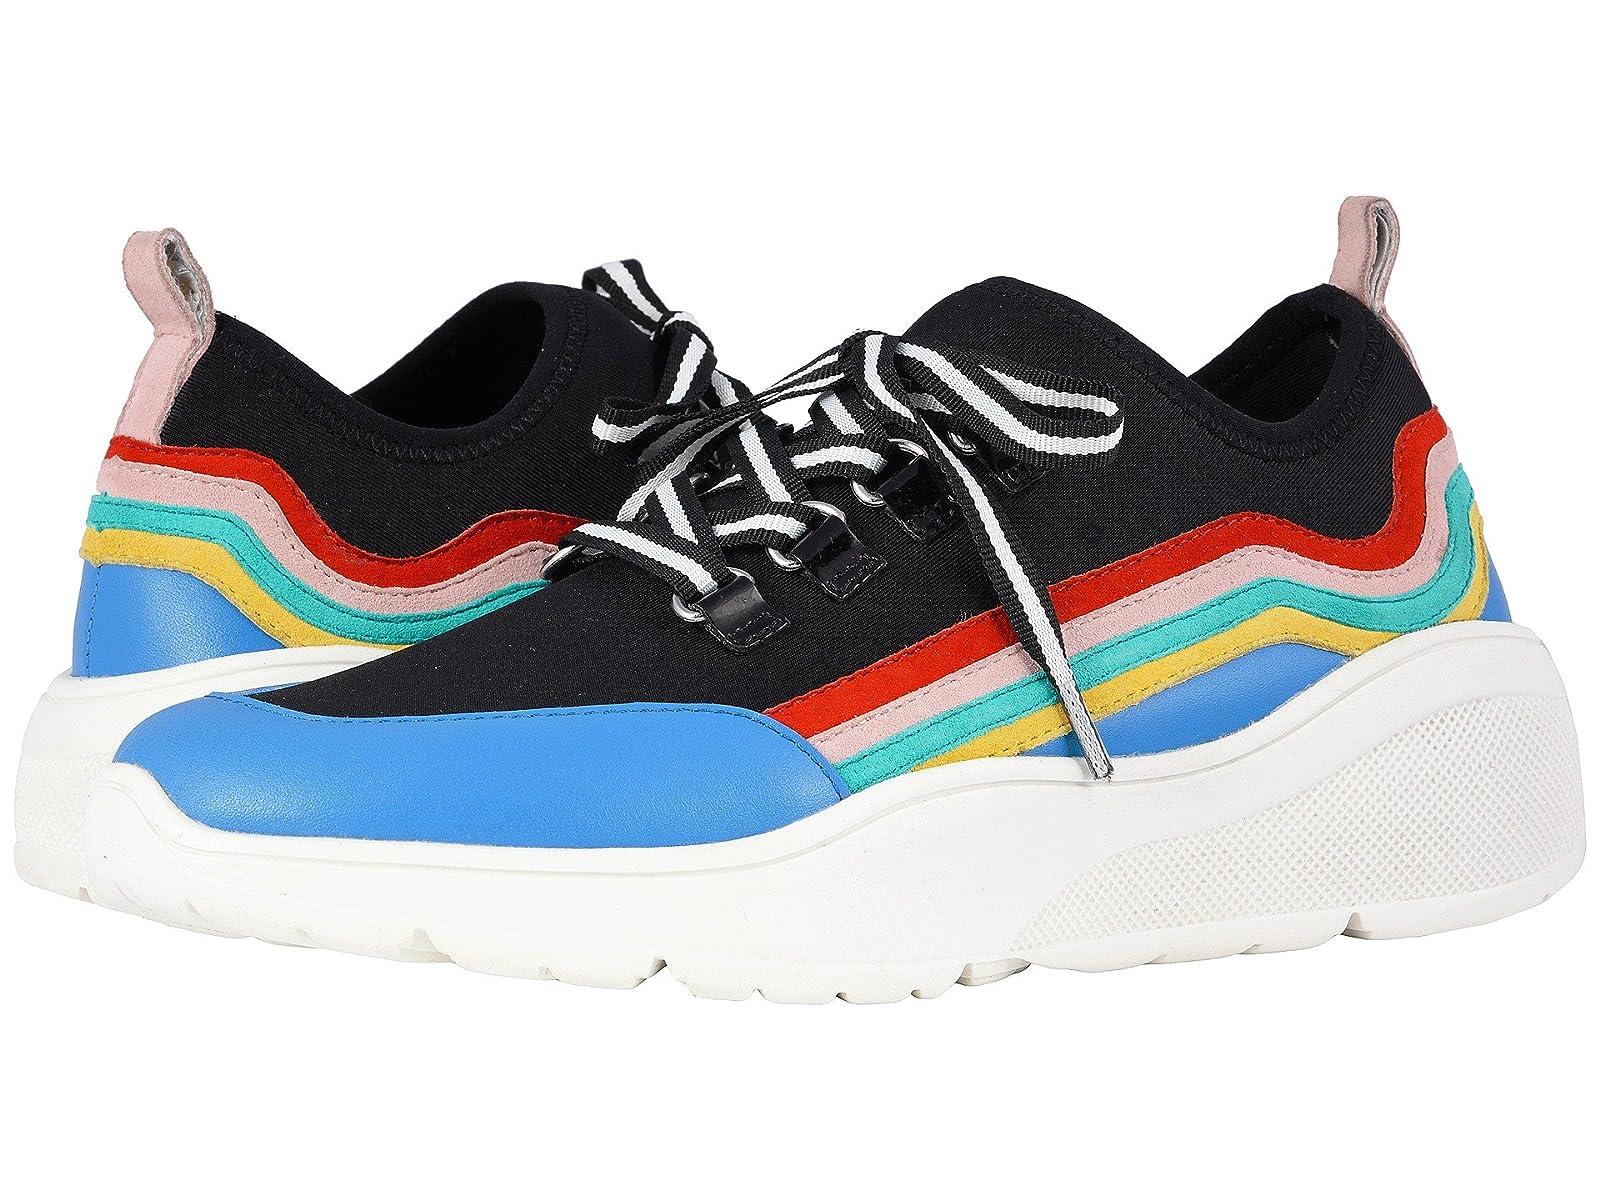 Steve Madden CavoAtmospheric grades have affordable shoes